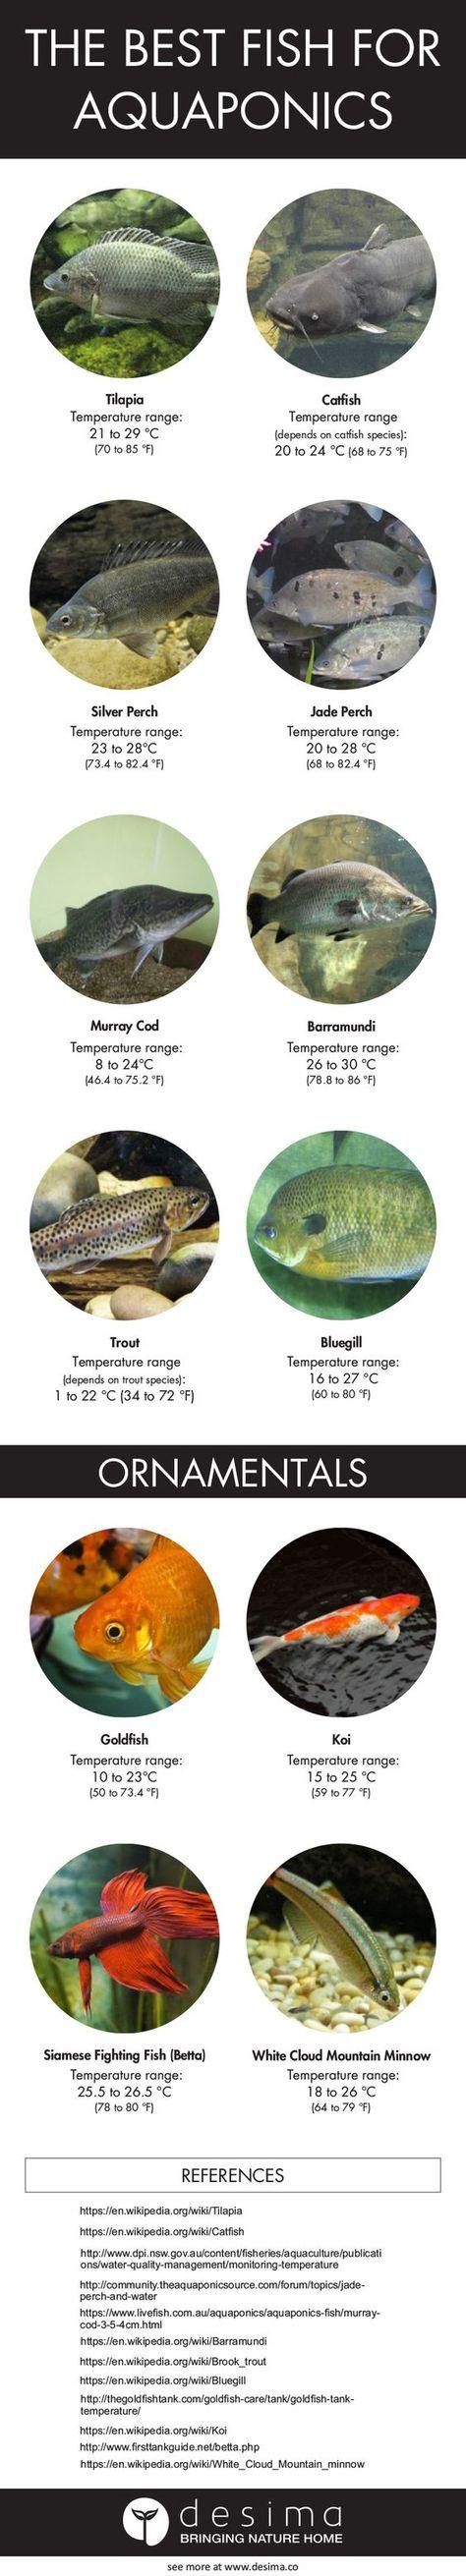 raise giant freshwater crayfish easily aquaponics garden